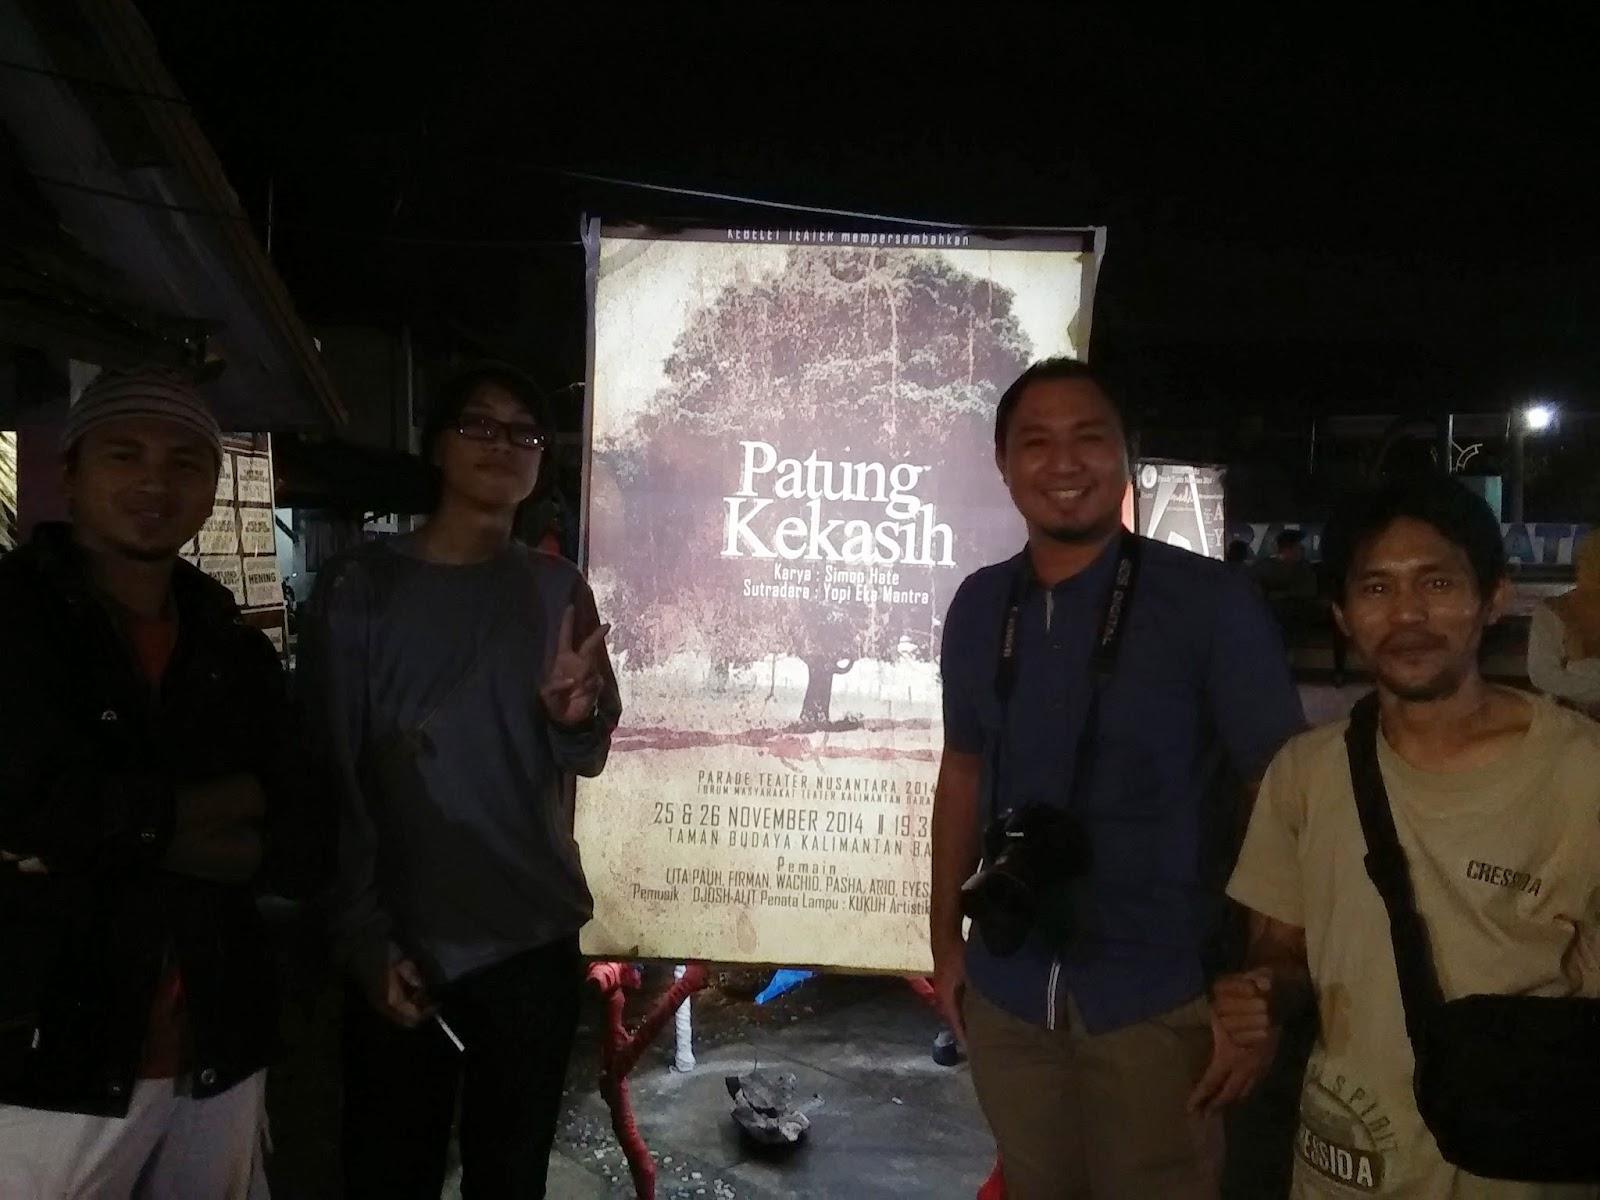 Bersama Ayip, Ketua Panitia Parade Teater Nusantara 2014